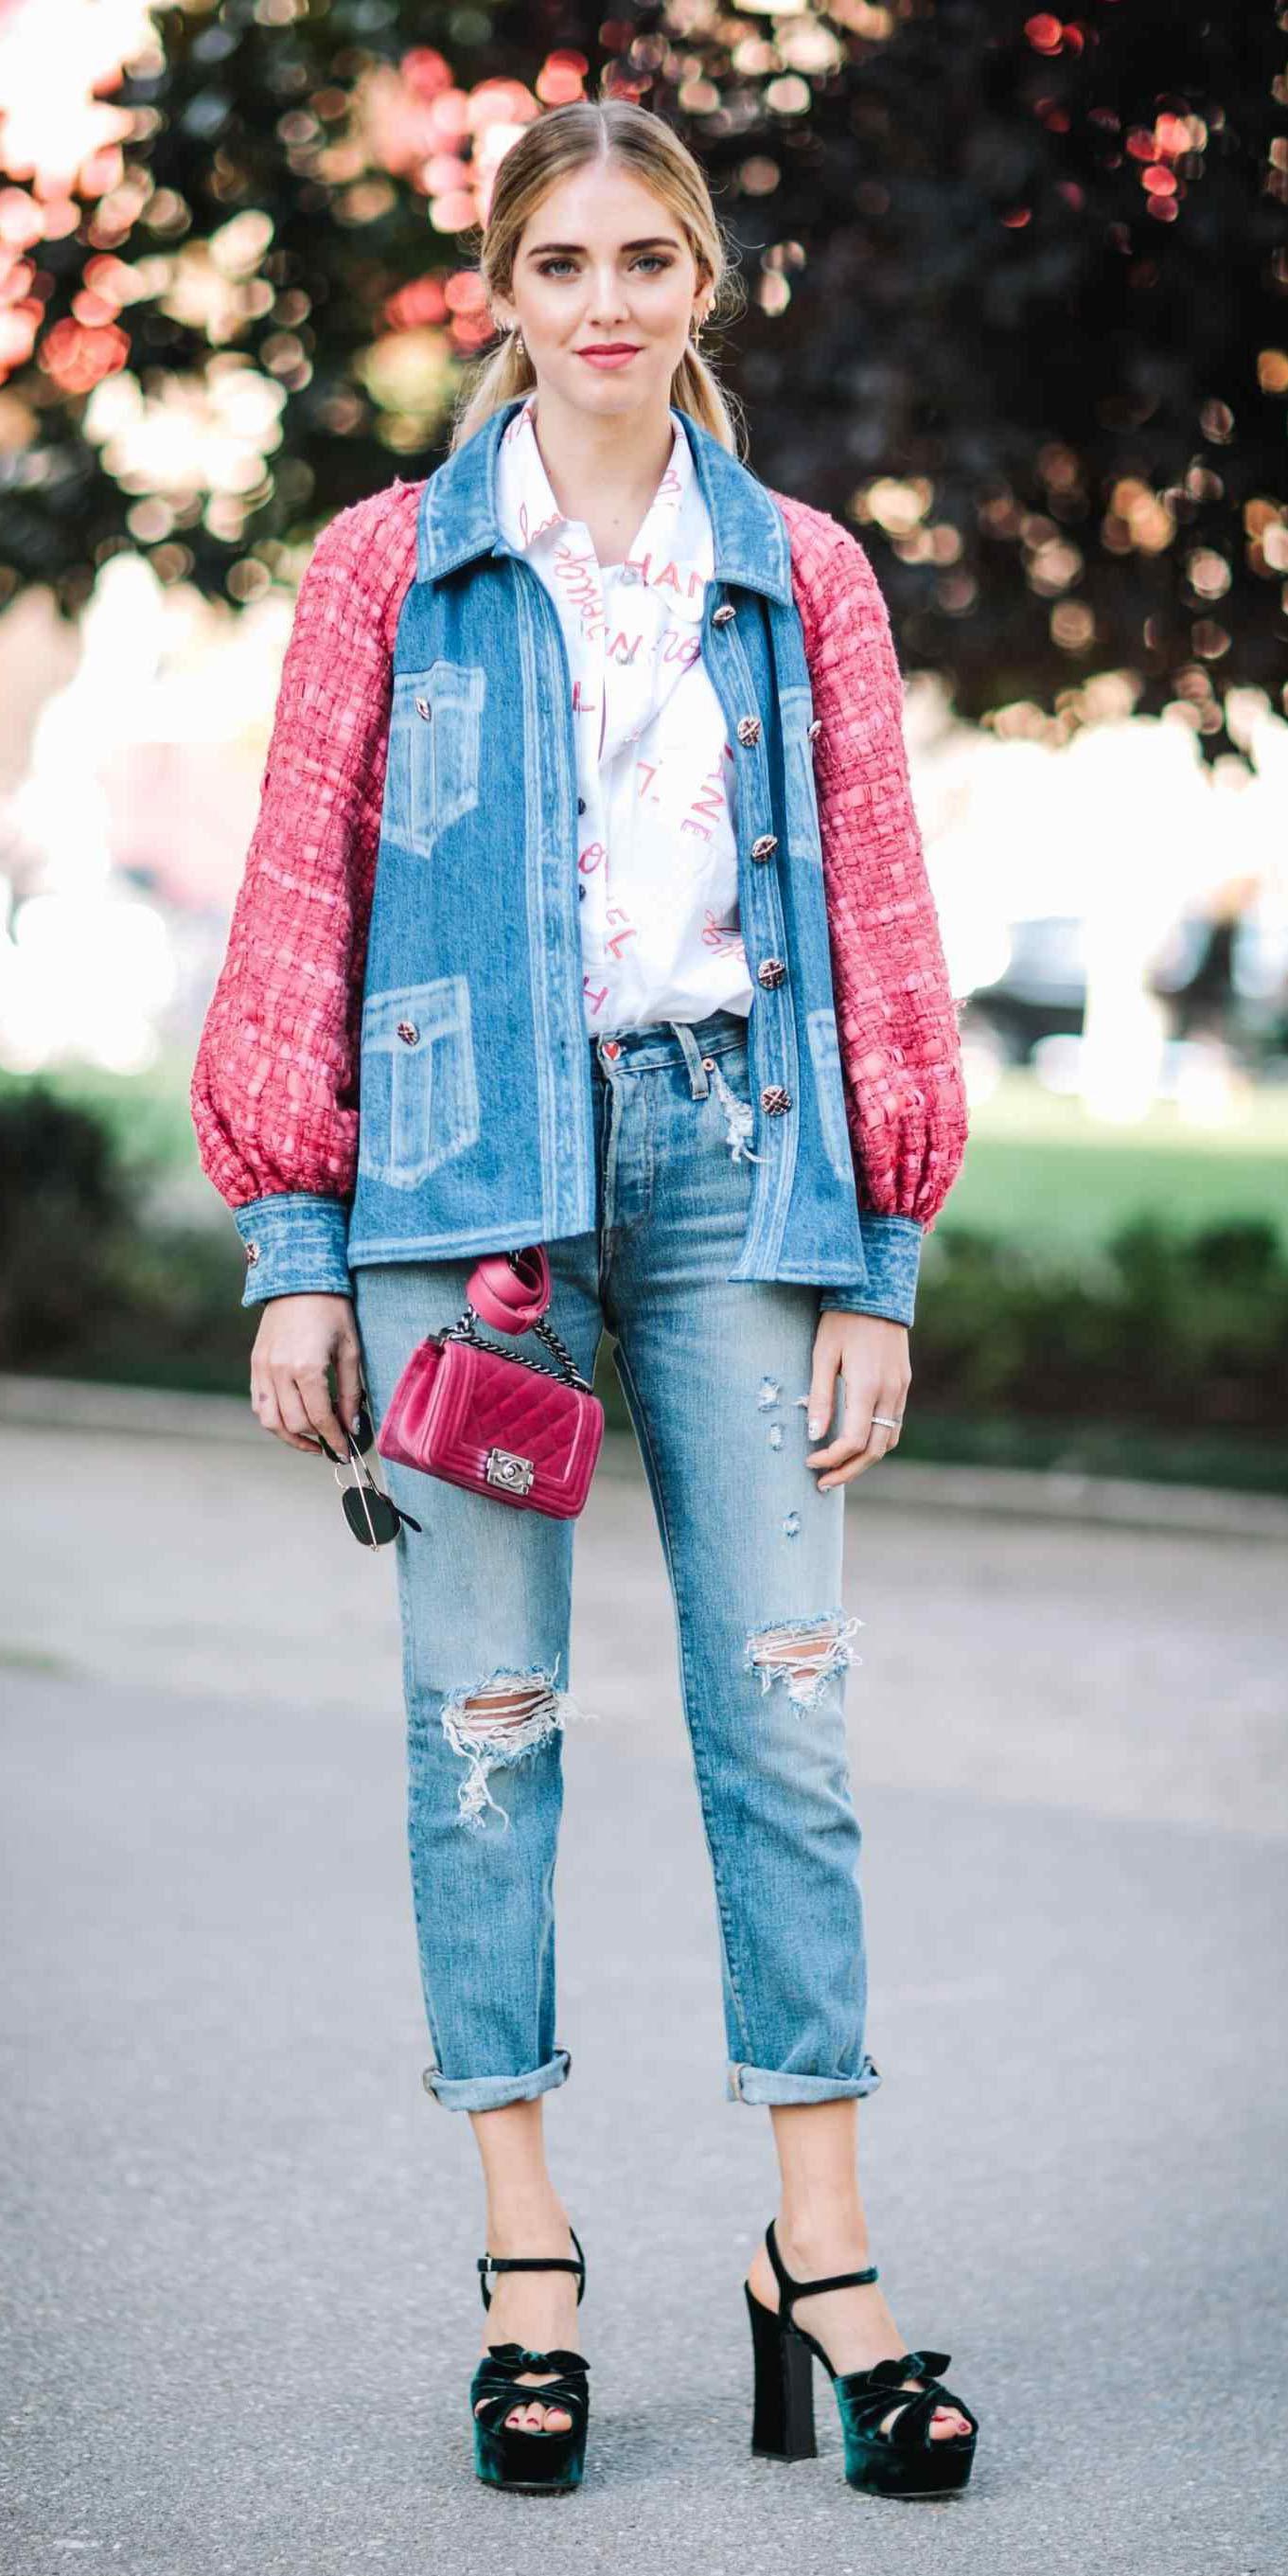 blue-med-skinny-jeans-white-collared-shirt-blondey-pony-blue-med-jacket-jean-green-shoe-sandalh-spring-summer-weekend.jpg